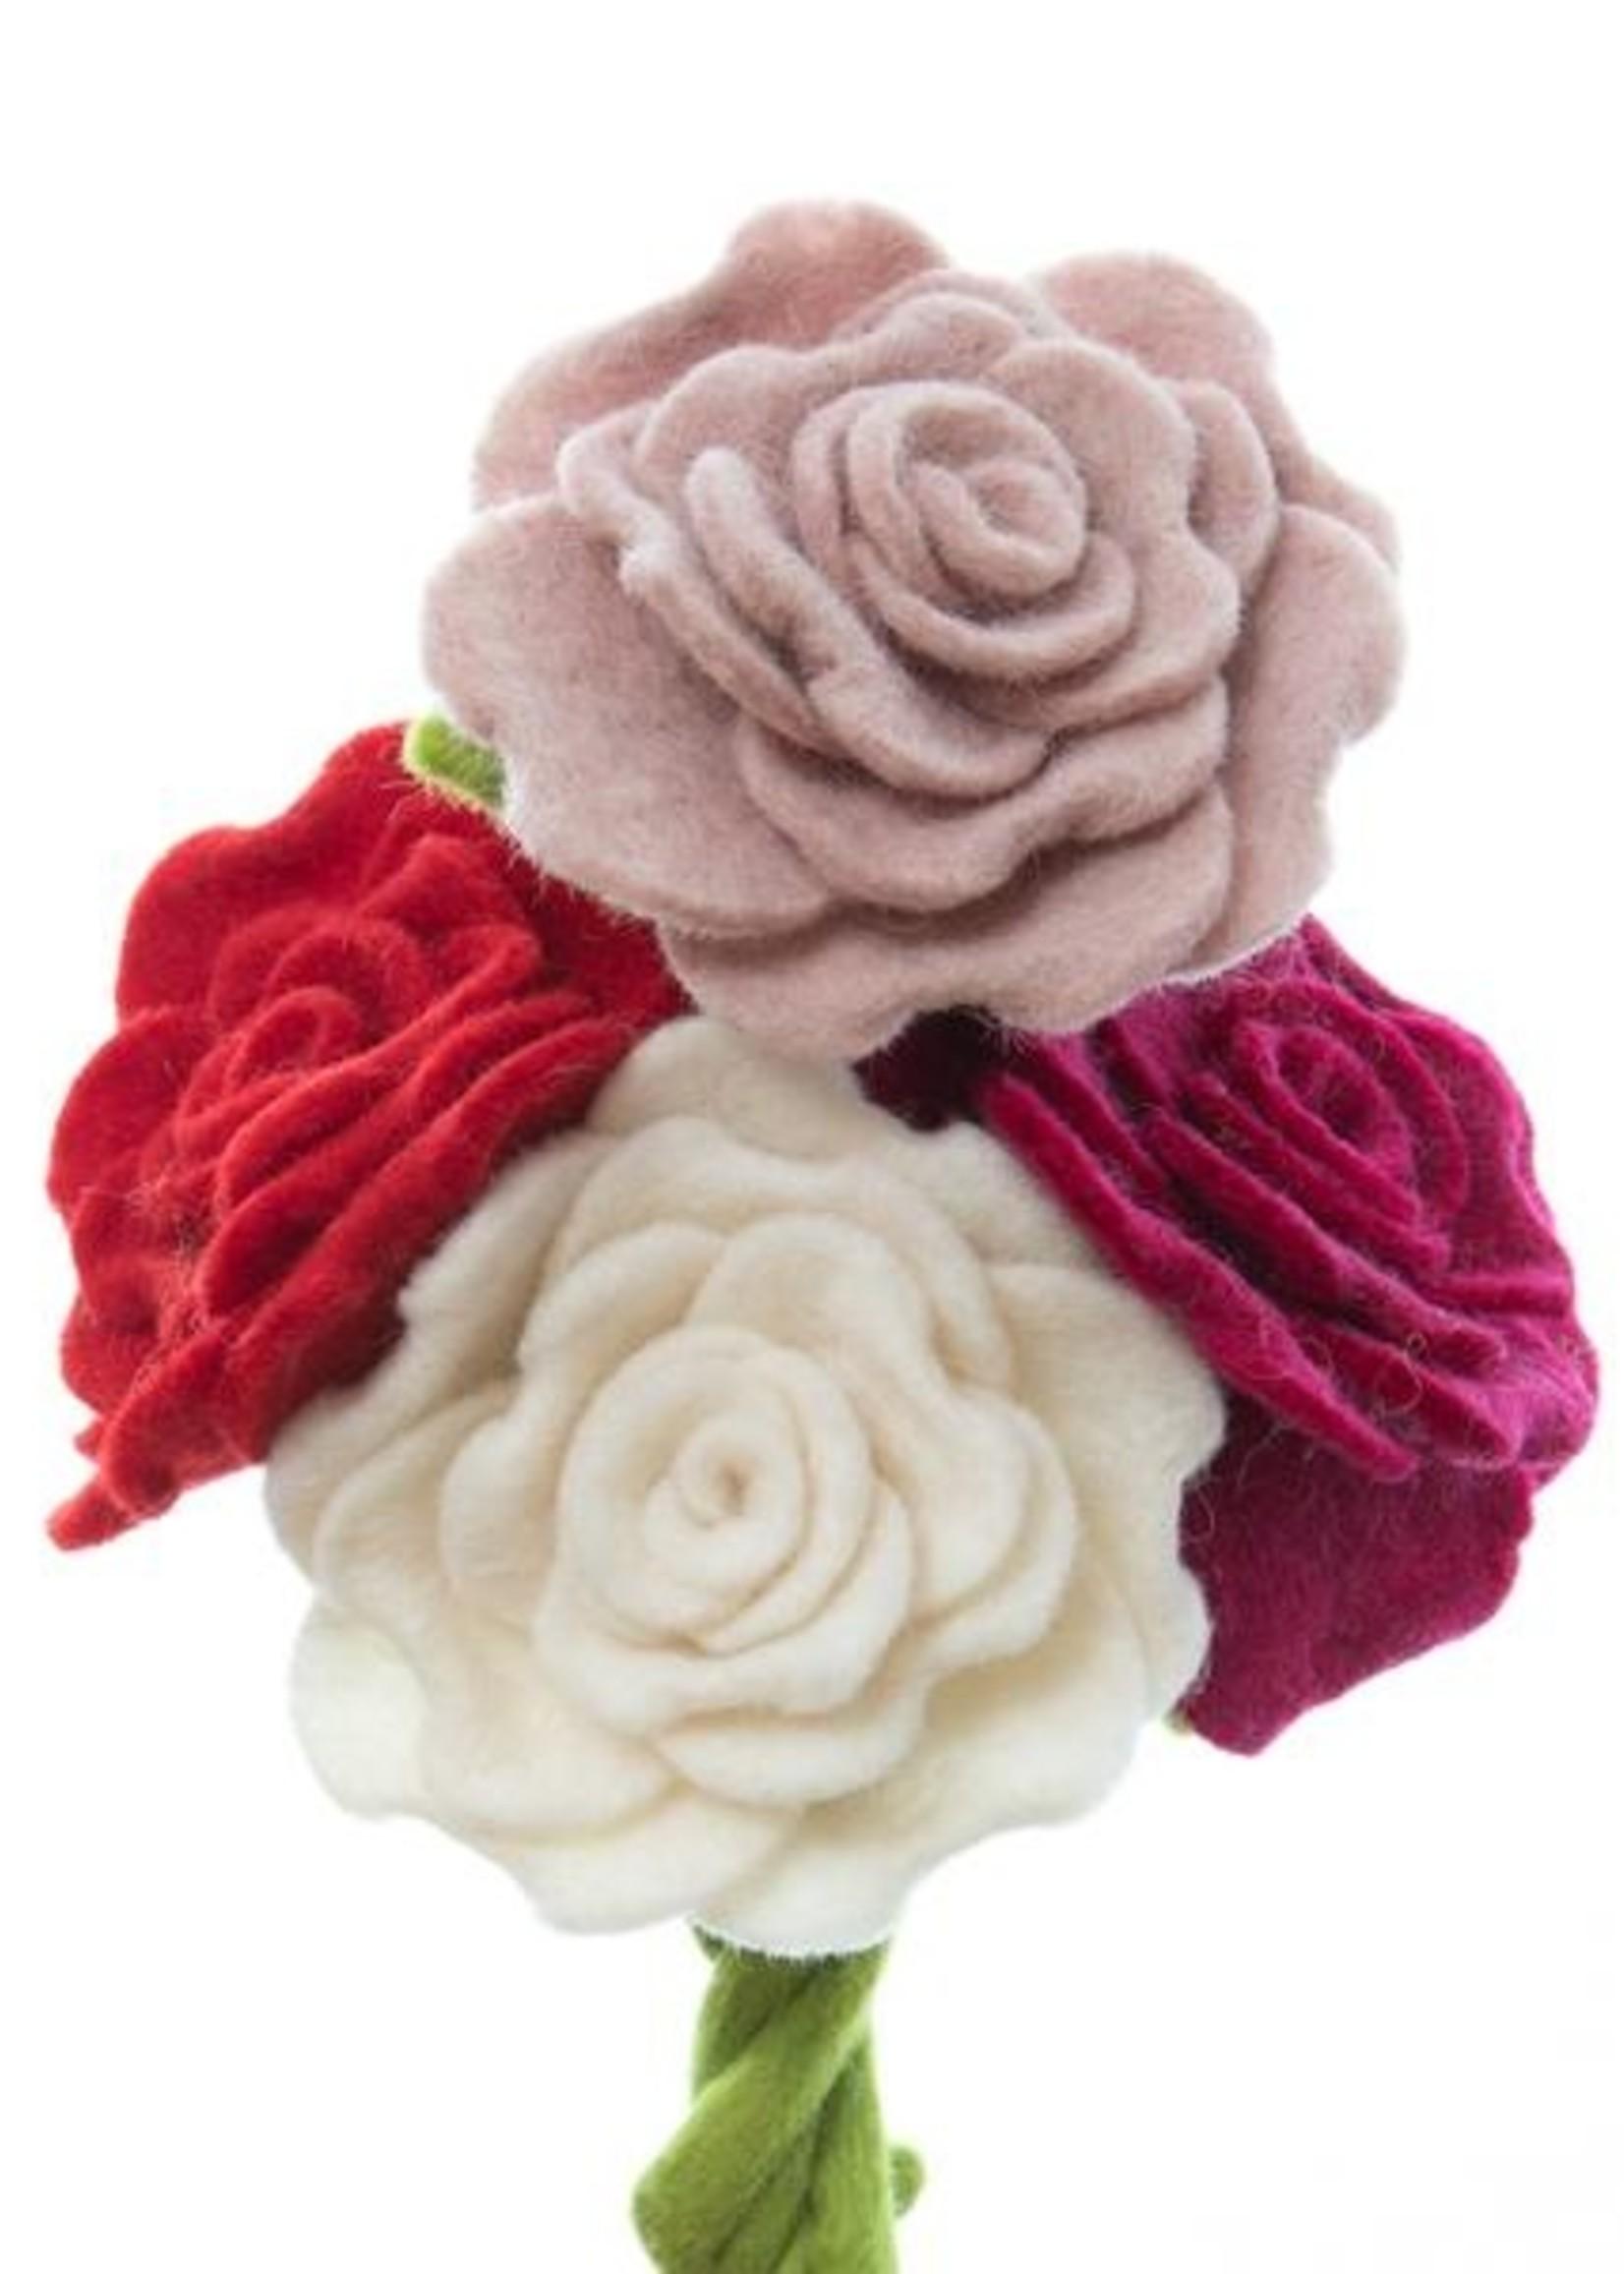 Global Goods Partners Felt Blooming Rose Flower